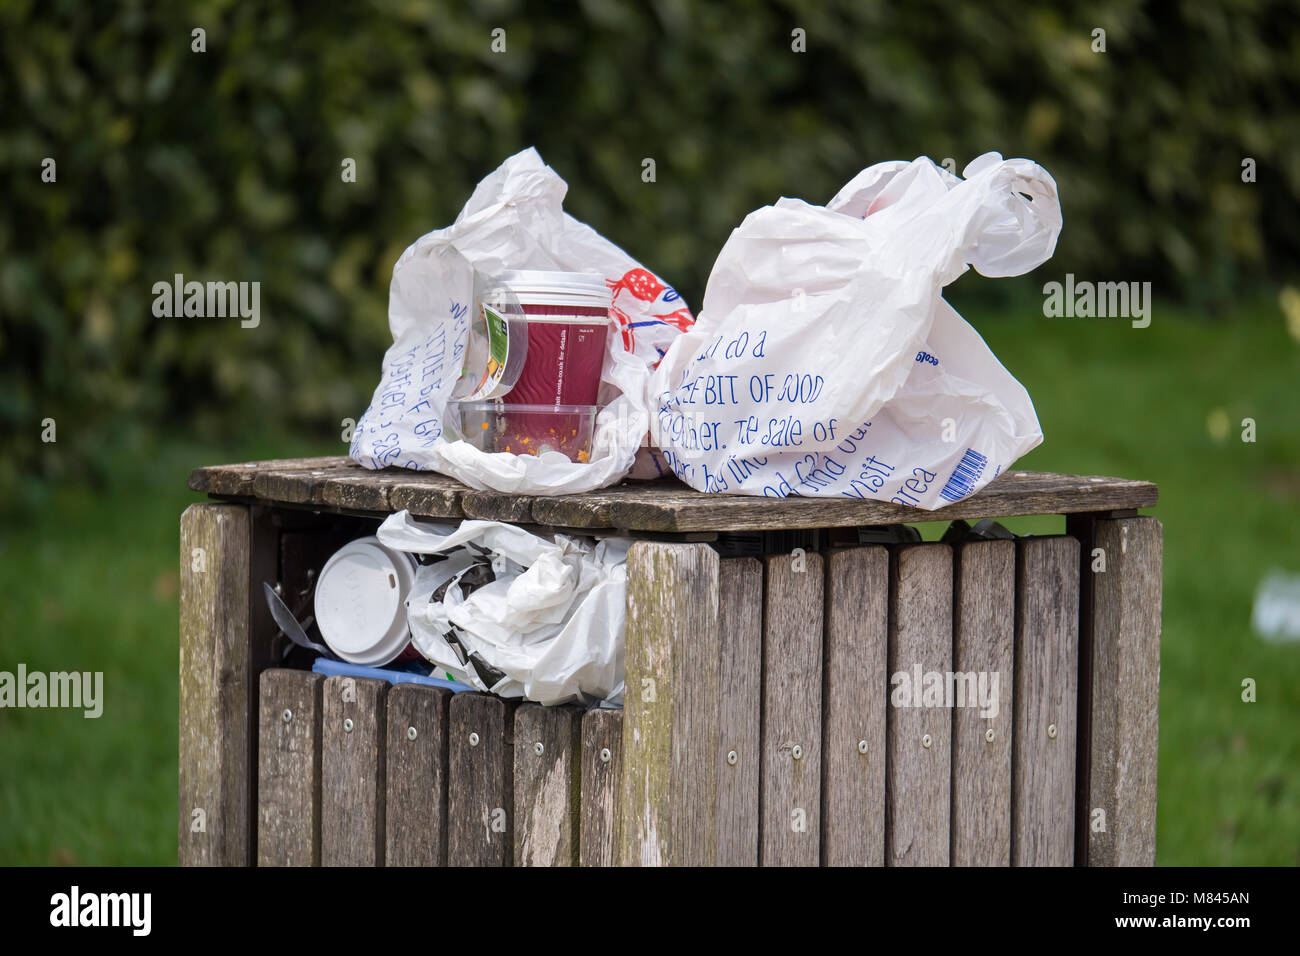 Overflowing Litter Bin - Stock Image